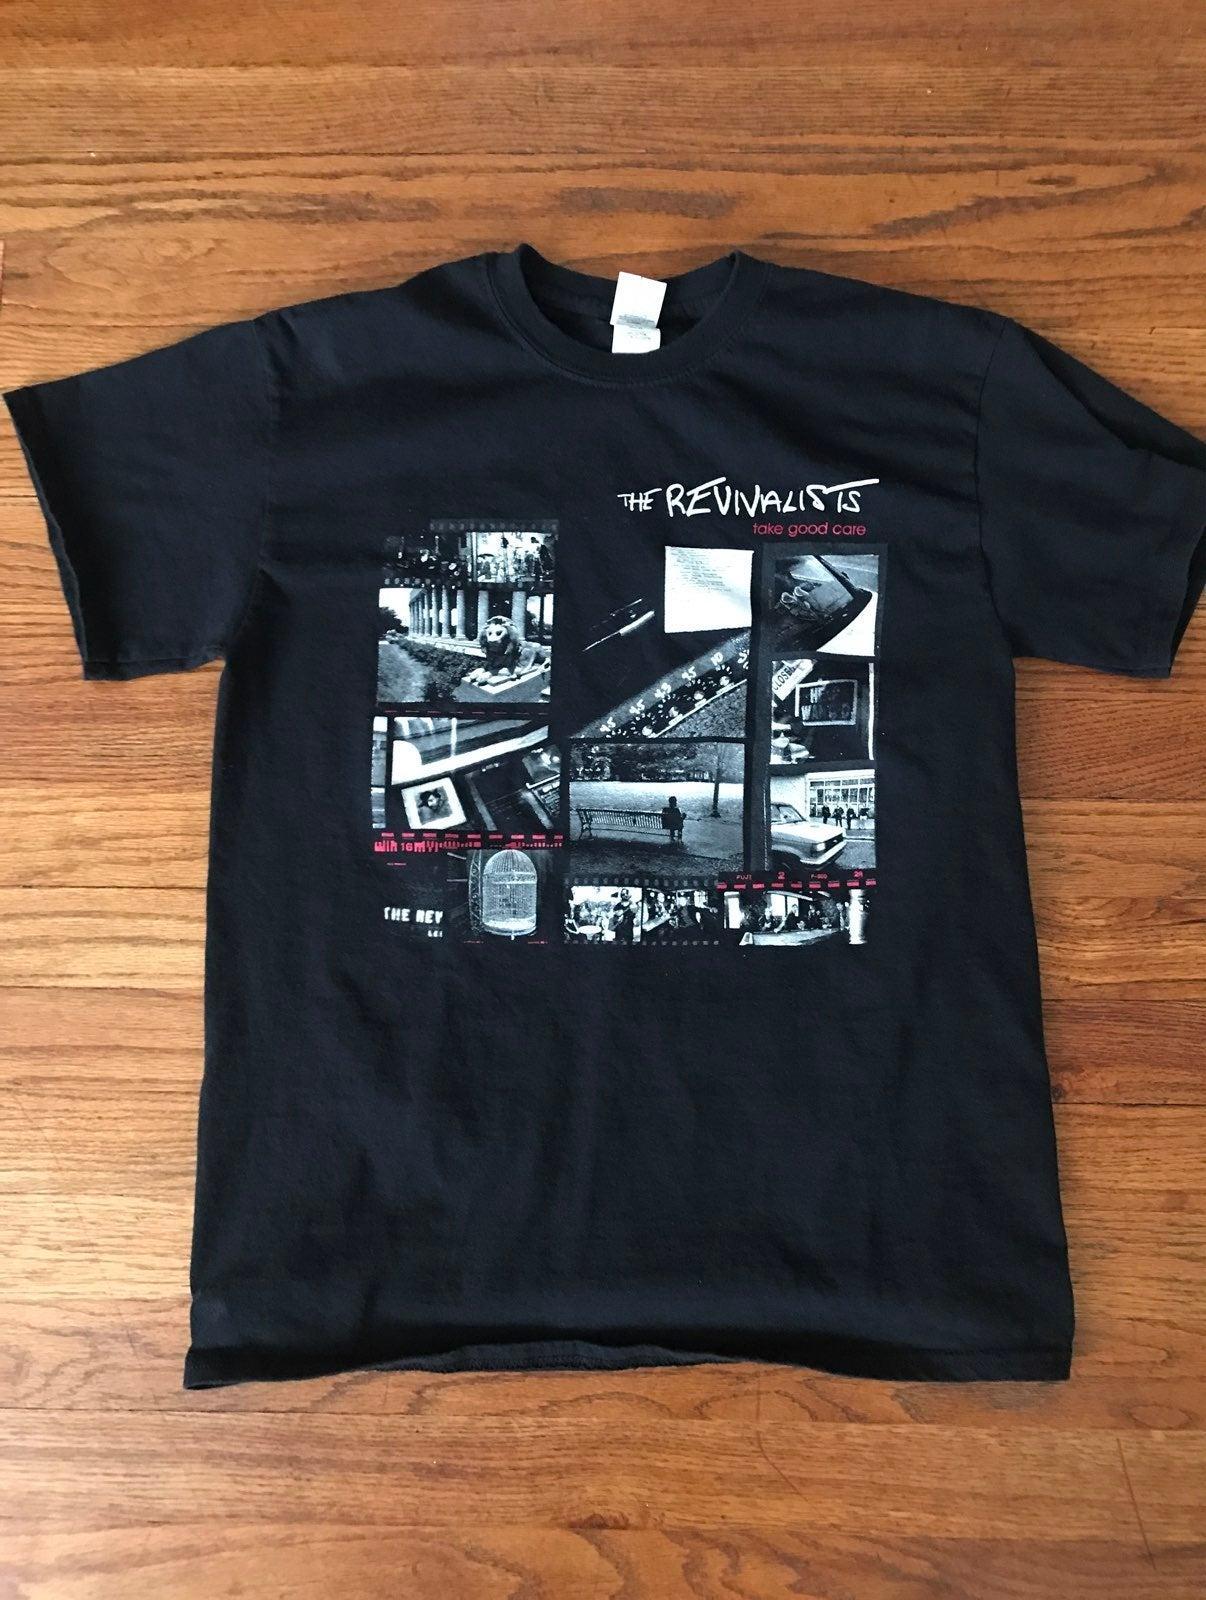 The revivalists tour Shirt sz M